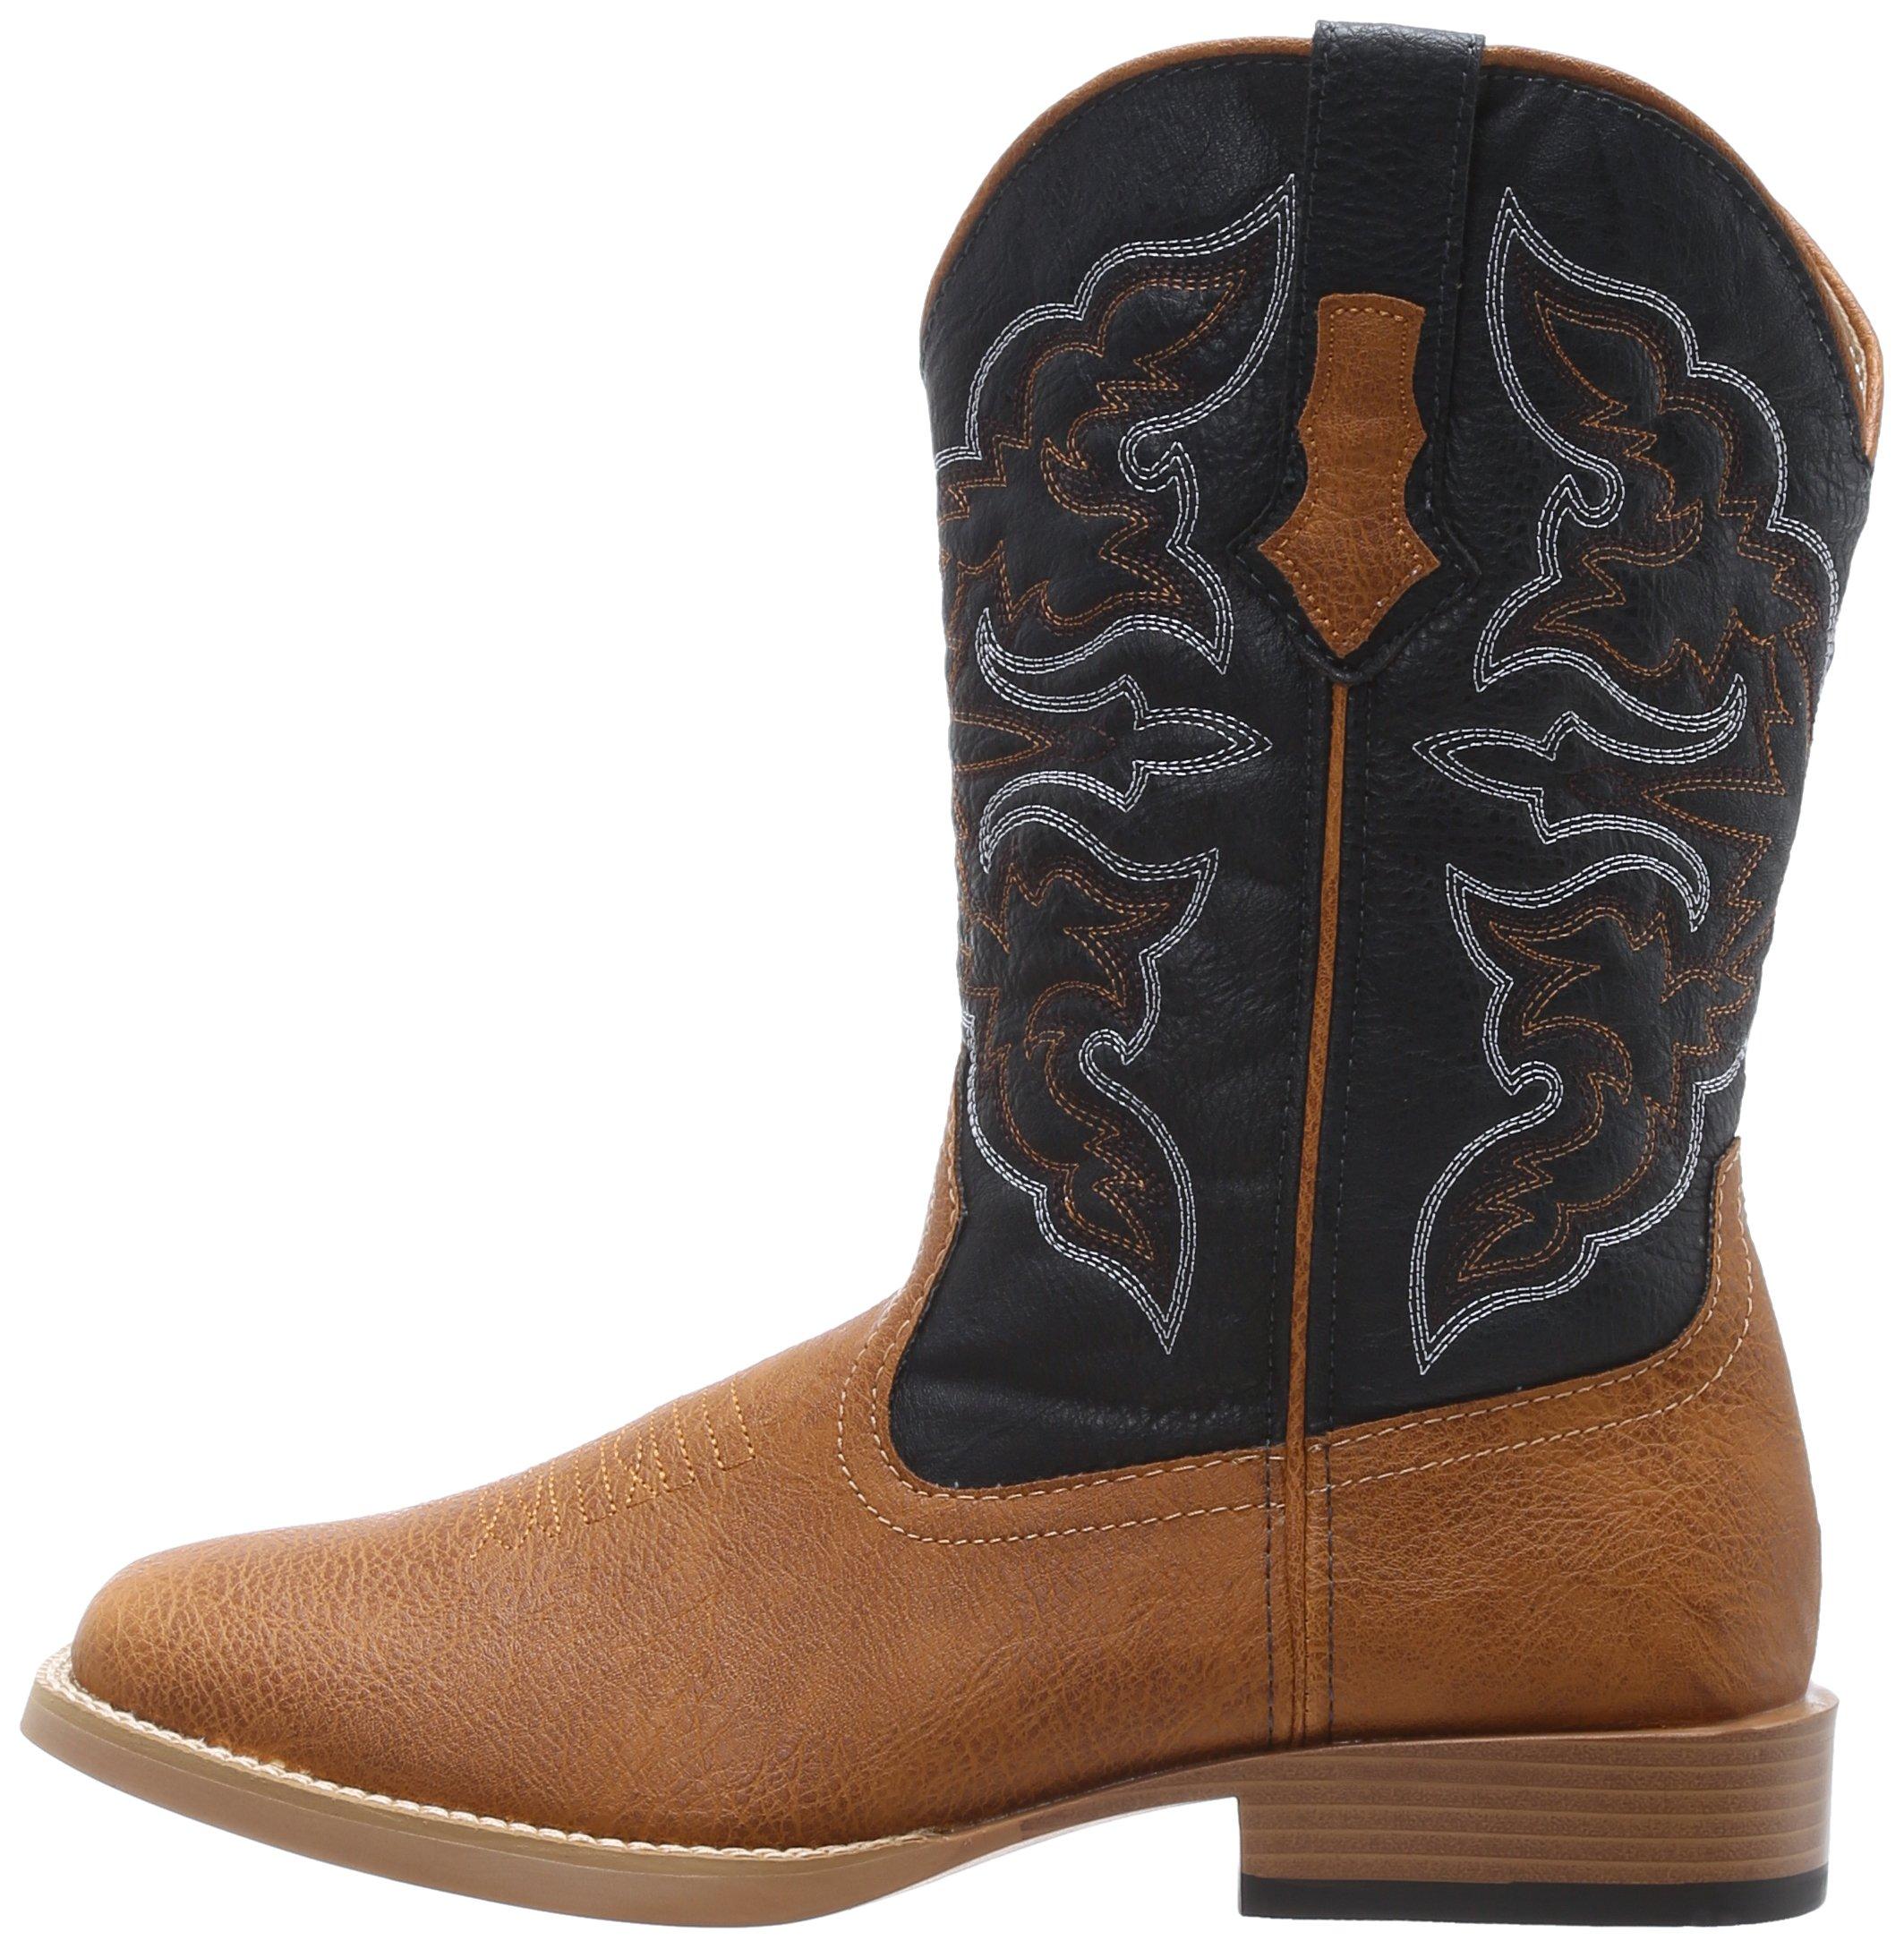 31cc47a2426 Details about ROPER Men's Ostrich Print Square Toe Cowboy Boot, - Choose  SZ/color